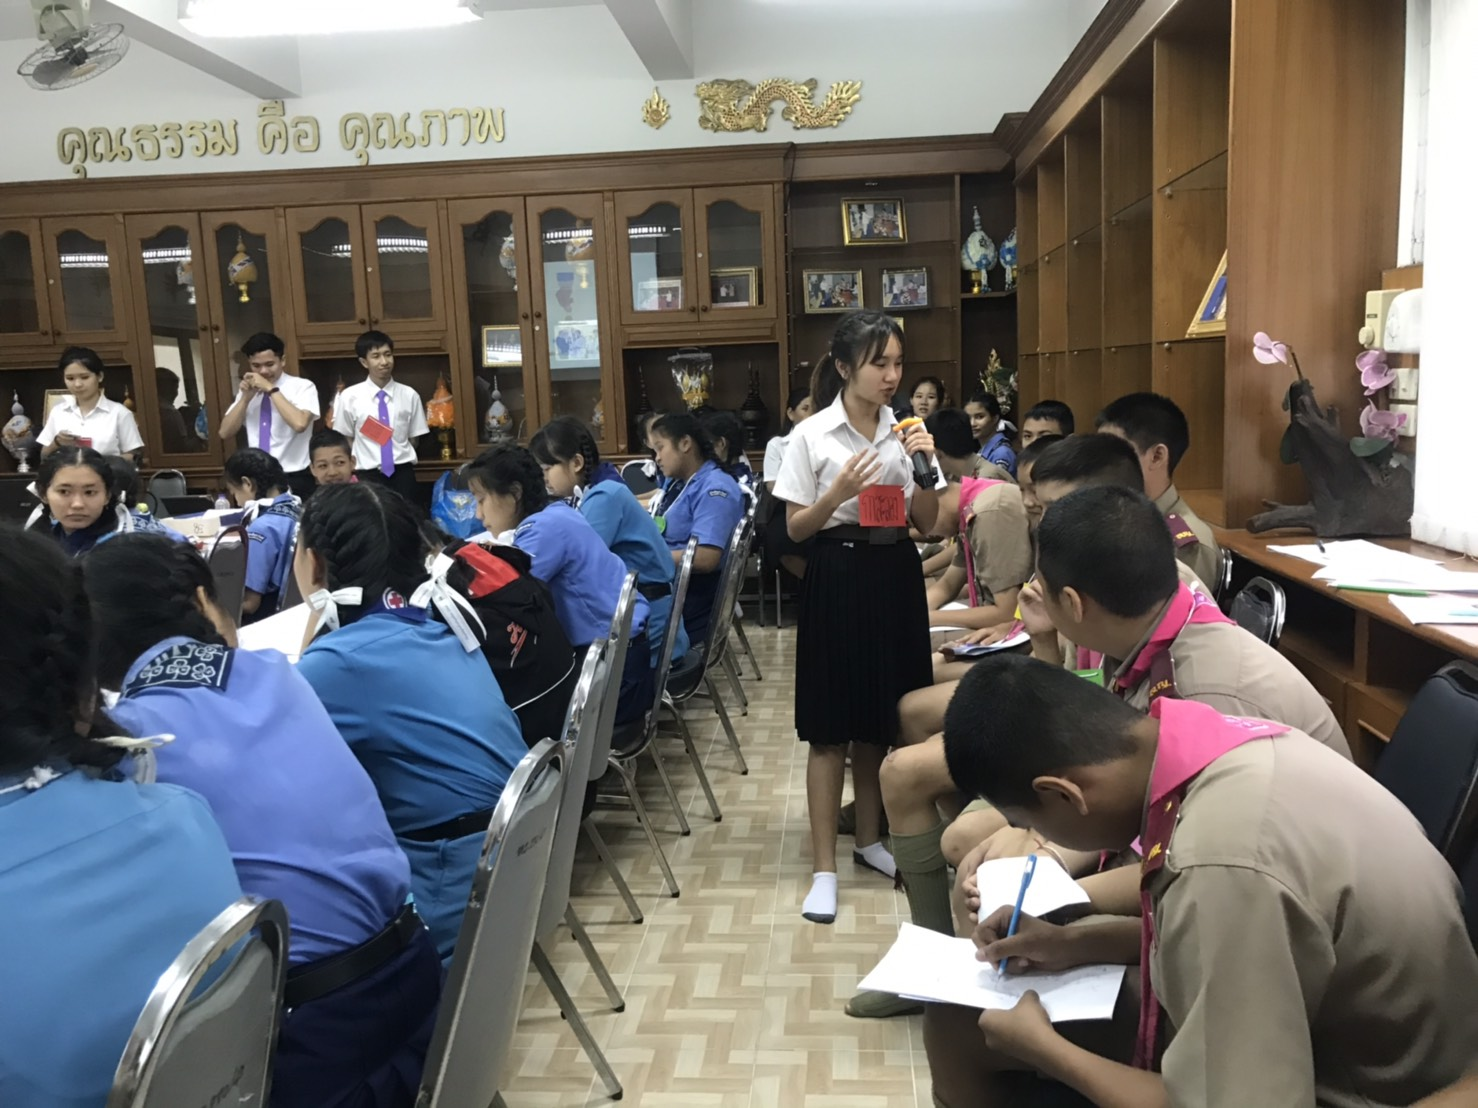 หัวหน้าภาควิชาอาชีวศึกษา นำนักศึกษาจัดโครงการอบรมความรู้และเสริมสร้างความเข้มแข็งของชุมชน